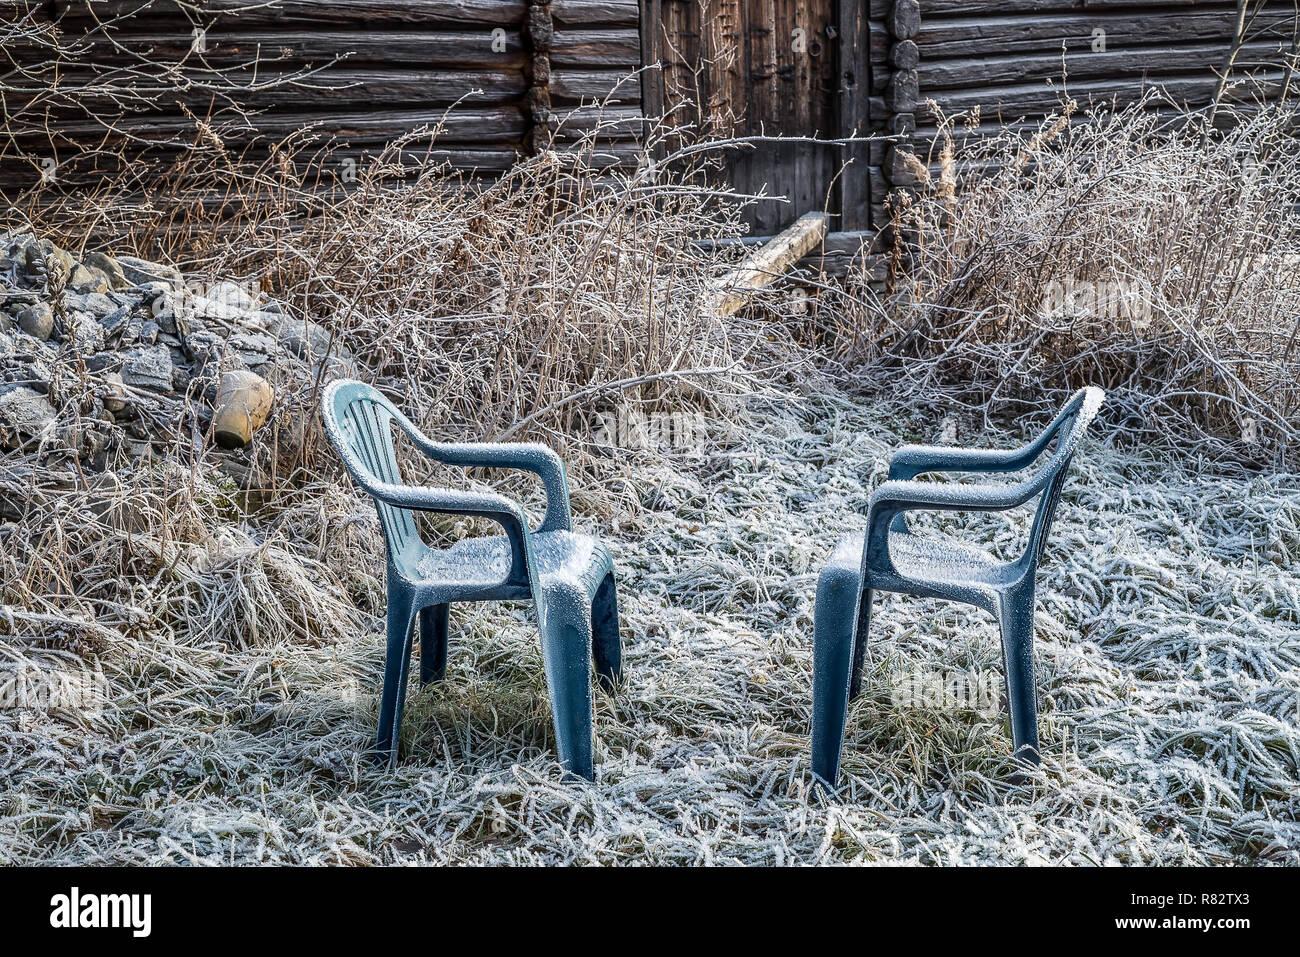 Blu di due sedie di plastica con rime congelati in un giardino rurale con rustici agriturismo ed erba ricoperto di ghiaccio freddo trasformata per forte gradiente frost un inizio inverno mattina Foto Stock